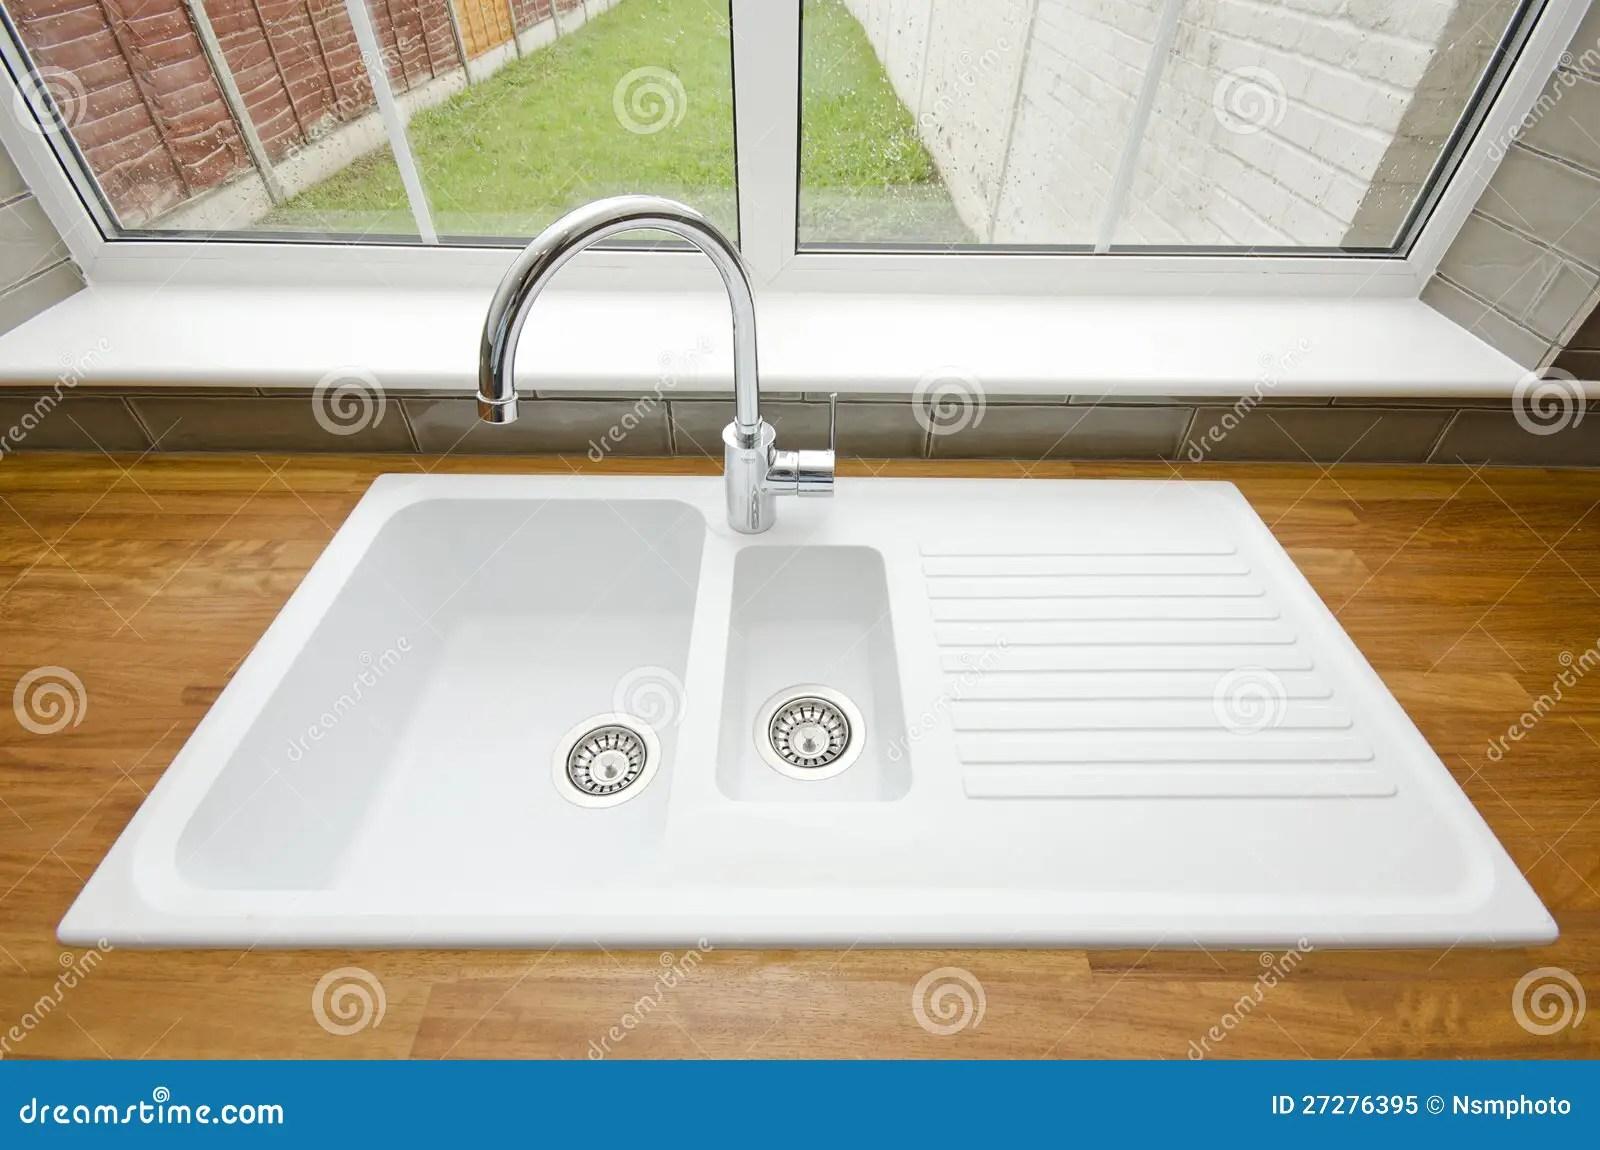 ceramic kitchen sink coffee signs decor 大空白陶瓷厨房水槽库存图片 图片包括有给上釉 陶瓷 设计 龙头 不锈 一个大空白cermaic厨房水槽的厨房详细资料与镀铬物龙头和固定的木worktop的